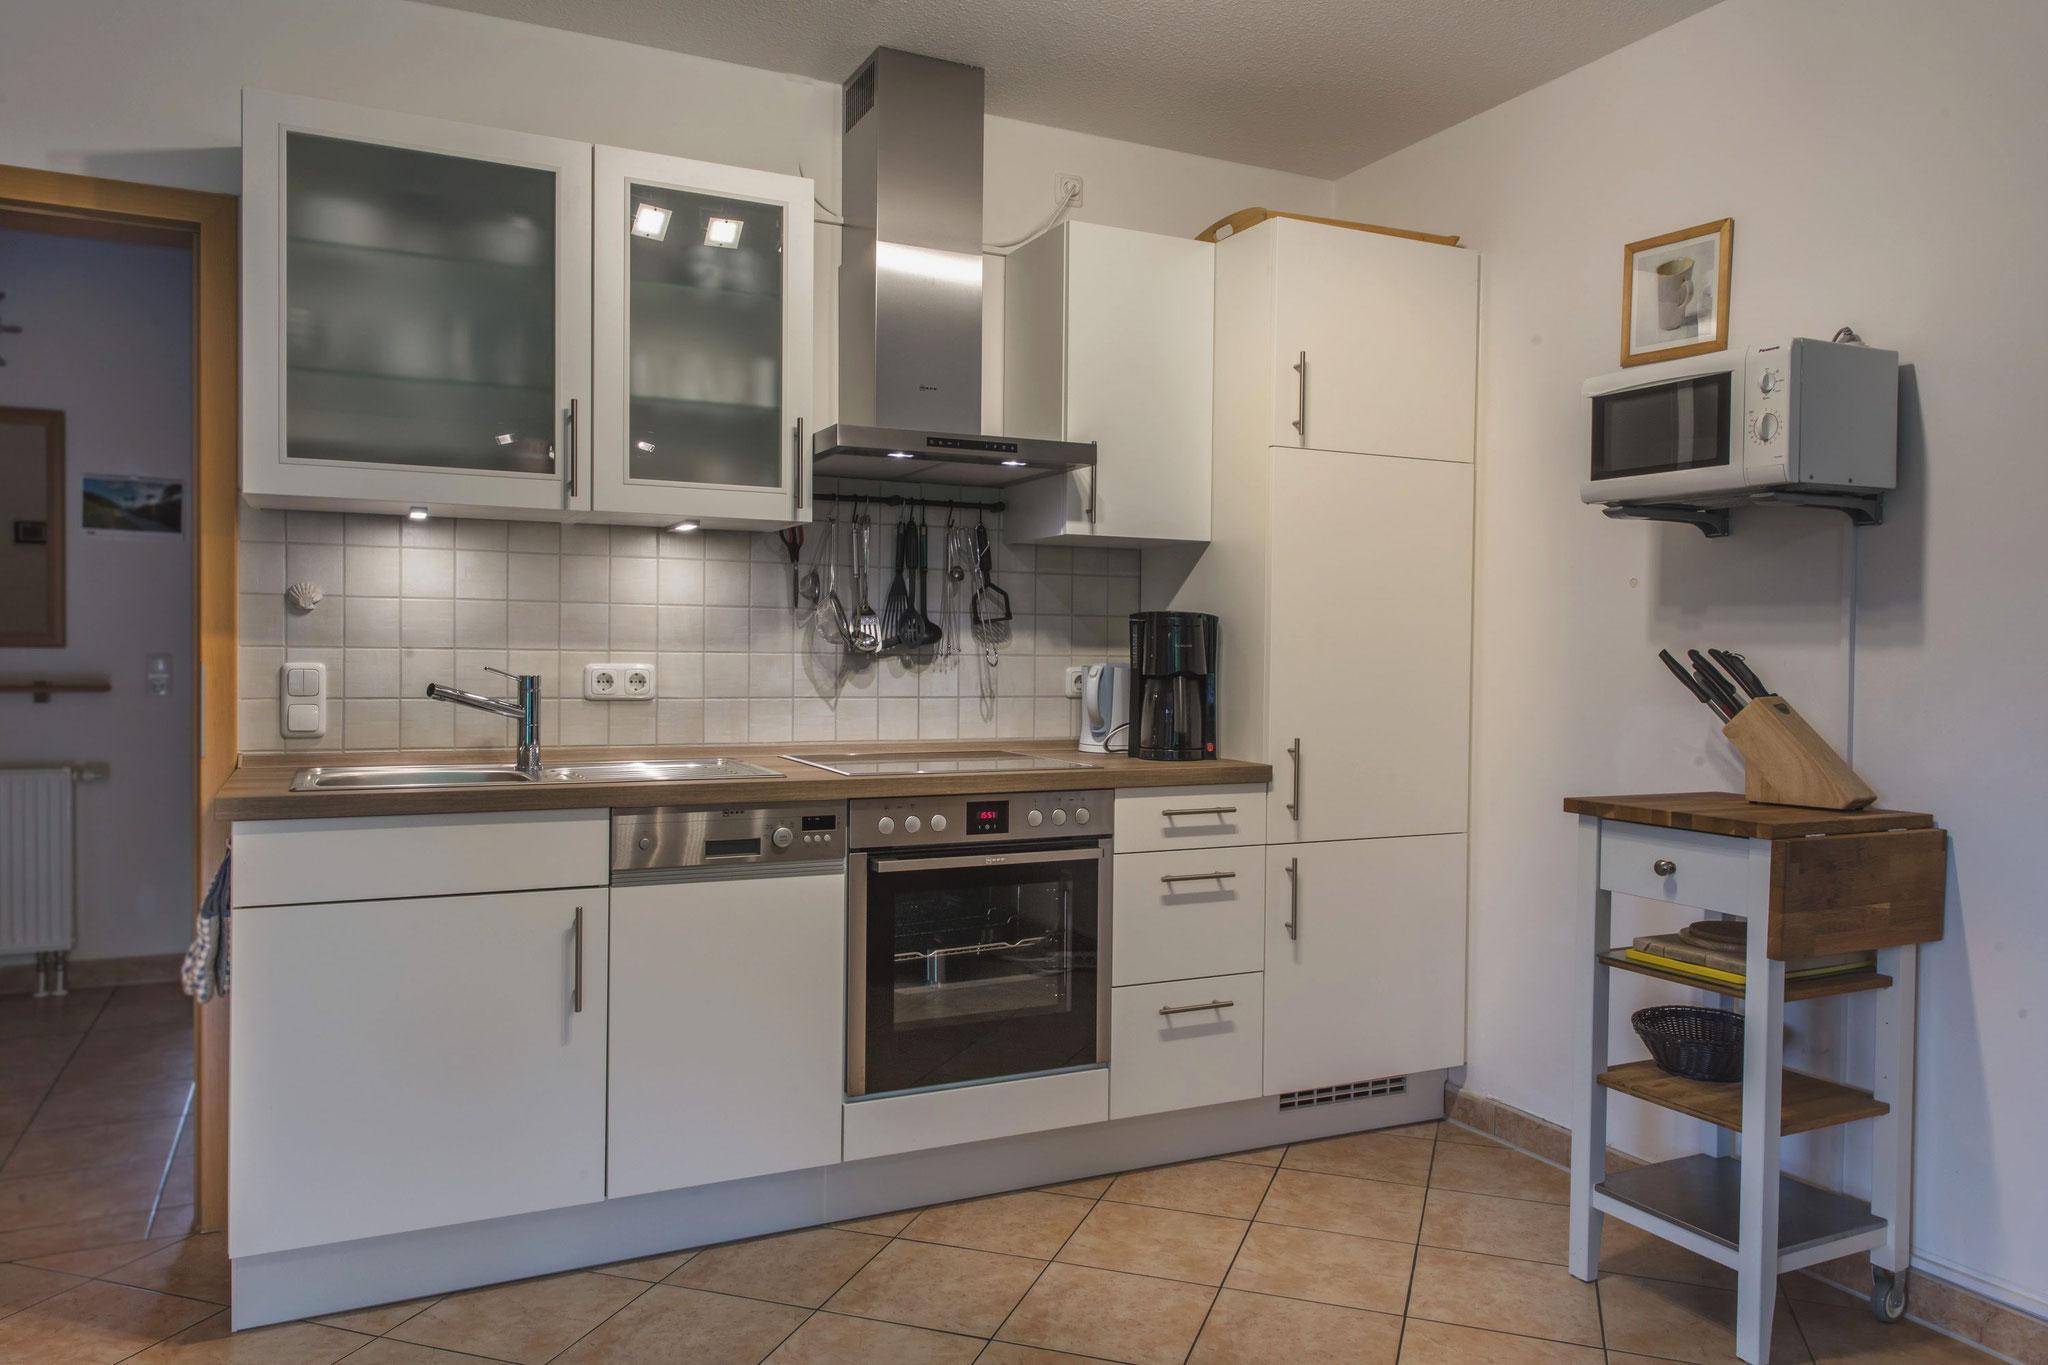 Komplett ausgestattete Küche mit Geschirrspüler und Backofen